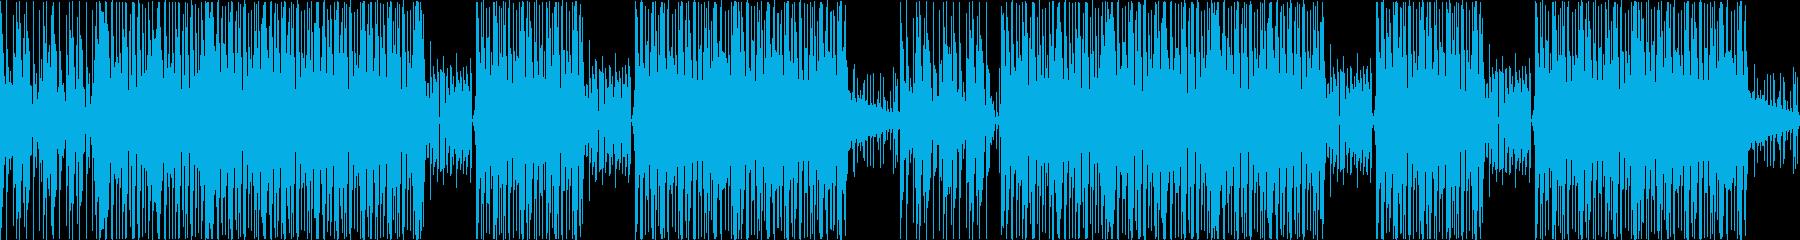 未来感のあるテクスチャー系ドラムループの再生済みの波形